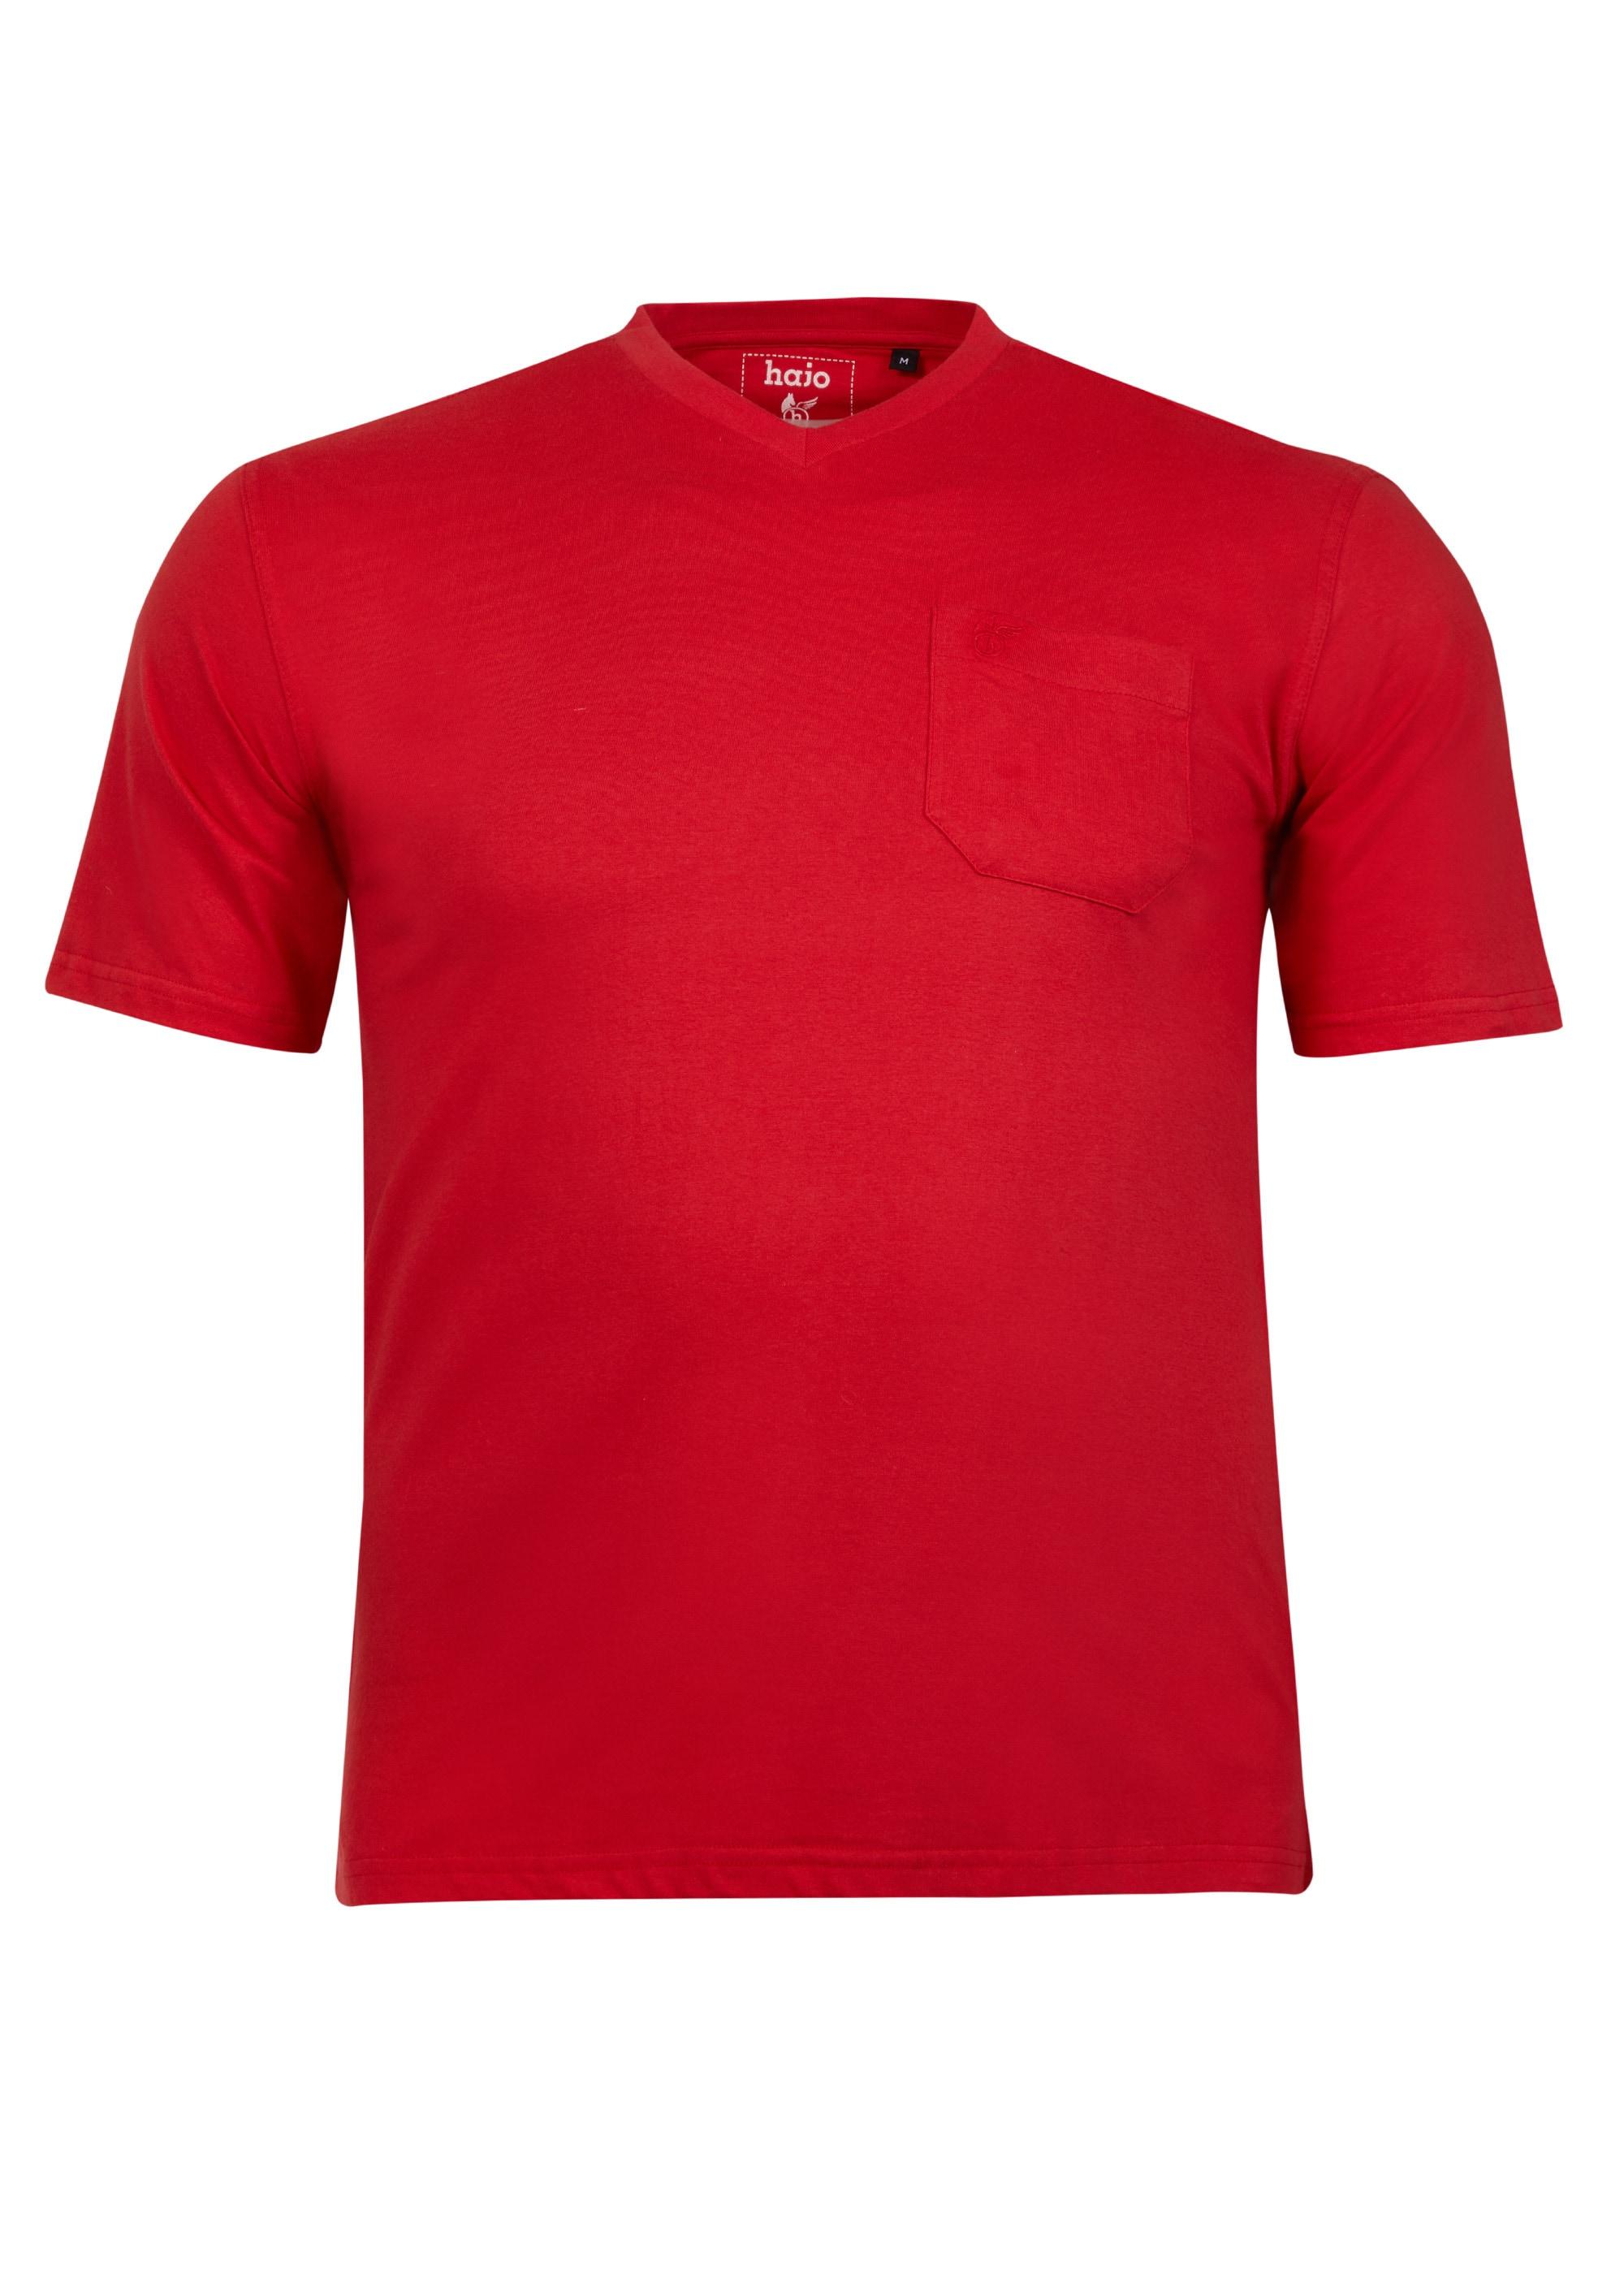 hajo -  T-Shirt, mit V-Ausschnitt